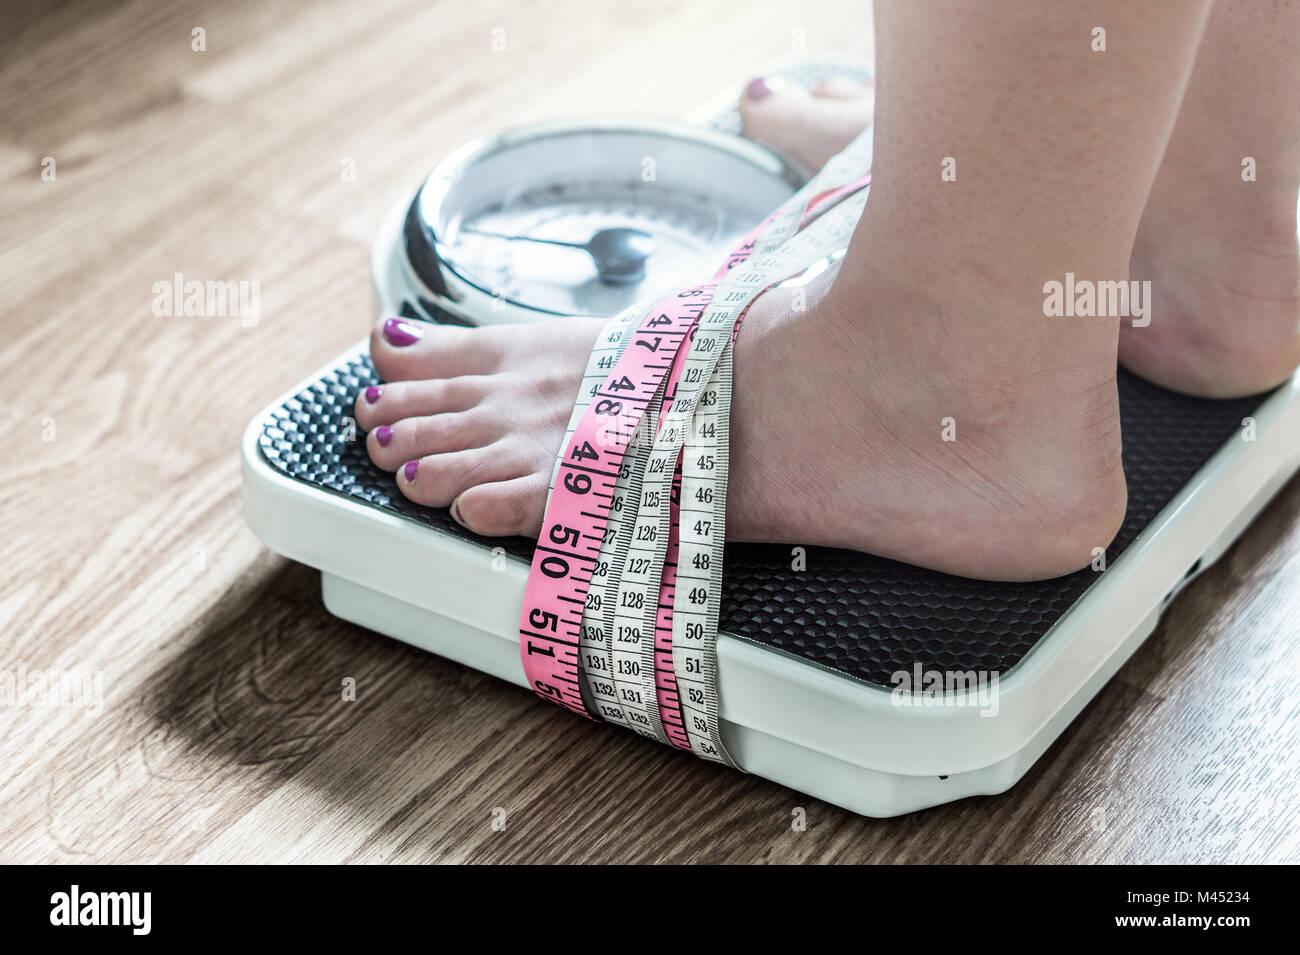 Pieds attachés avec un ruban à mesurer à une échelle de poids. La toxicomanie et l'obsession Photo Stock